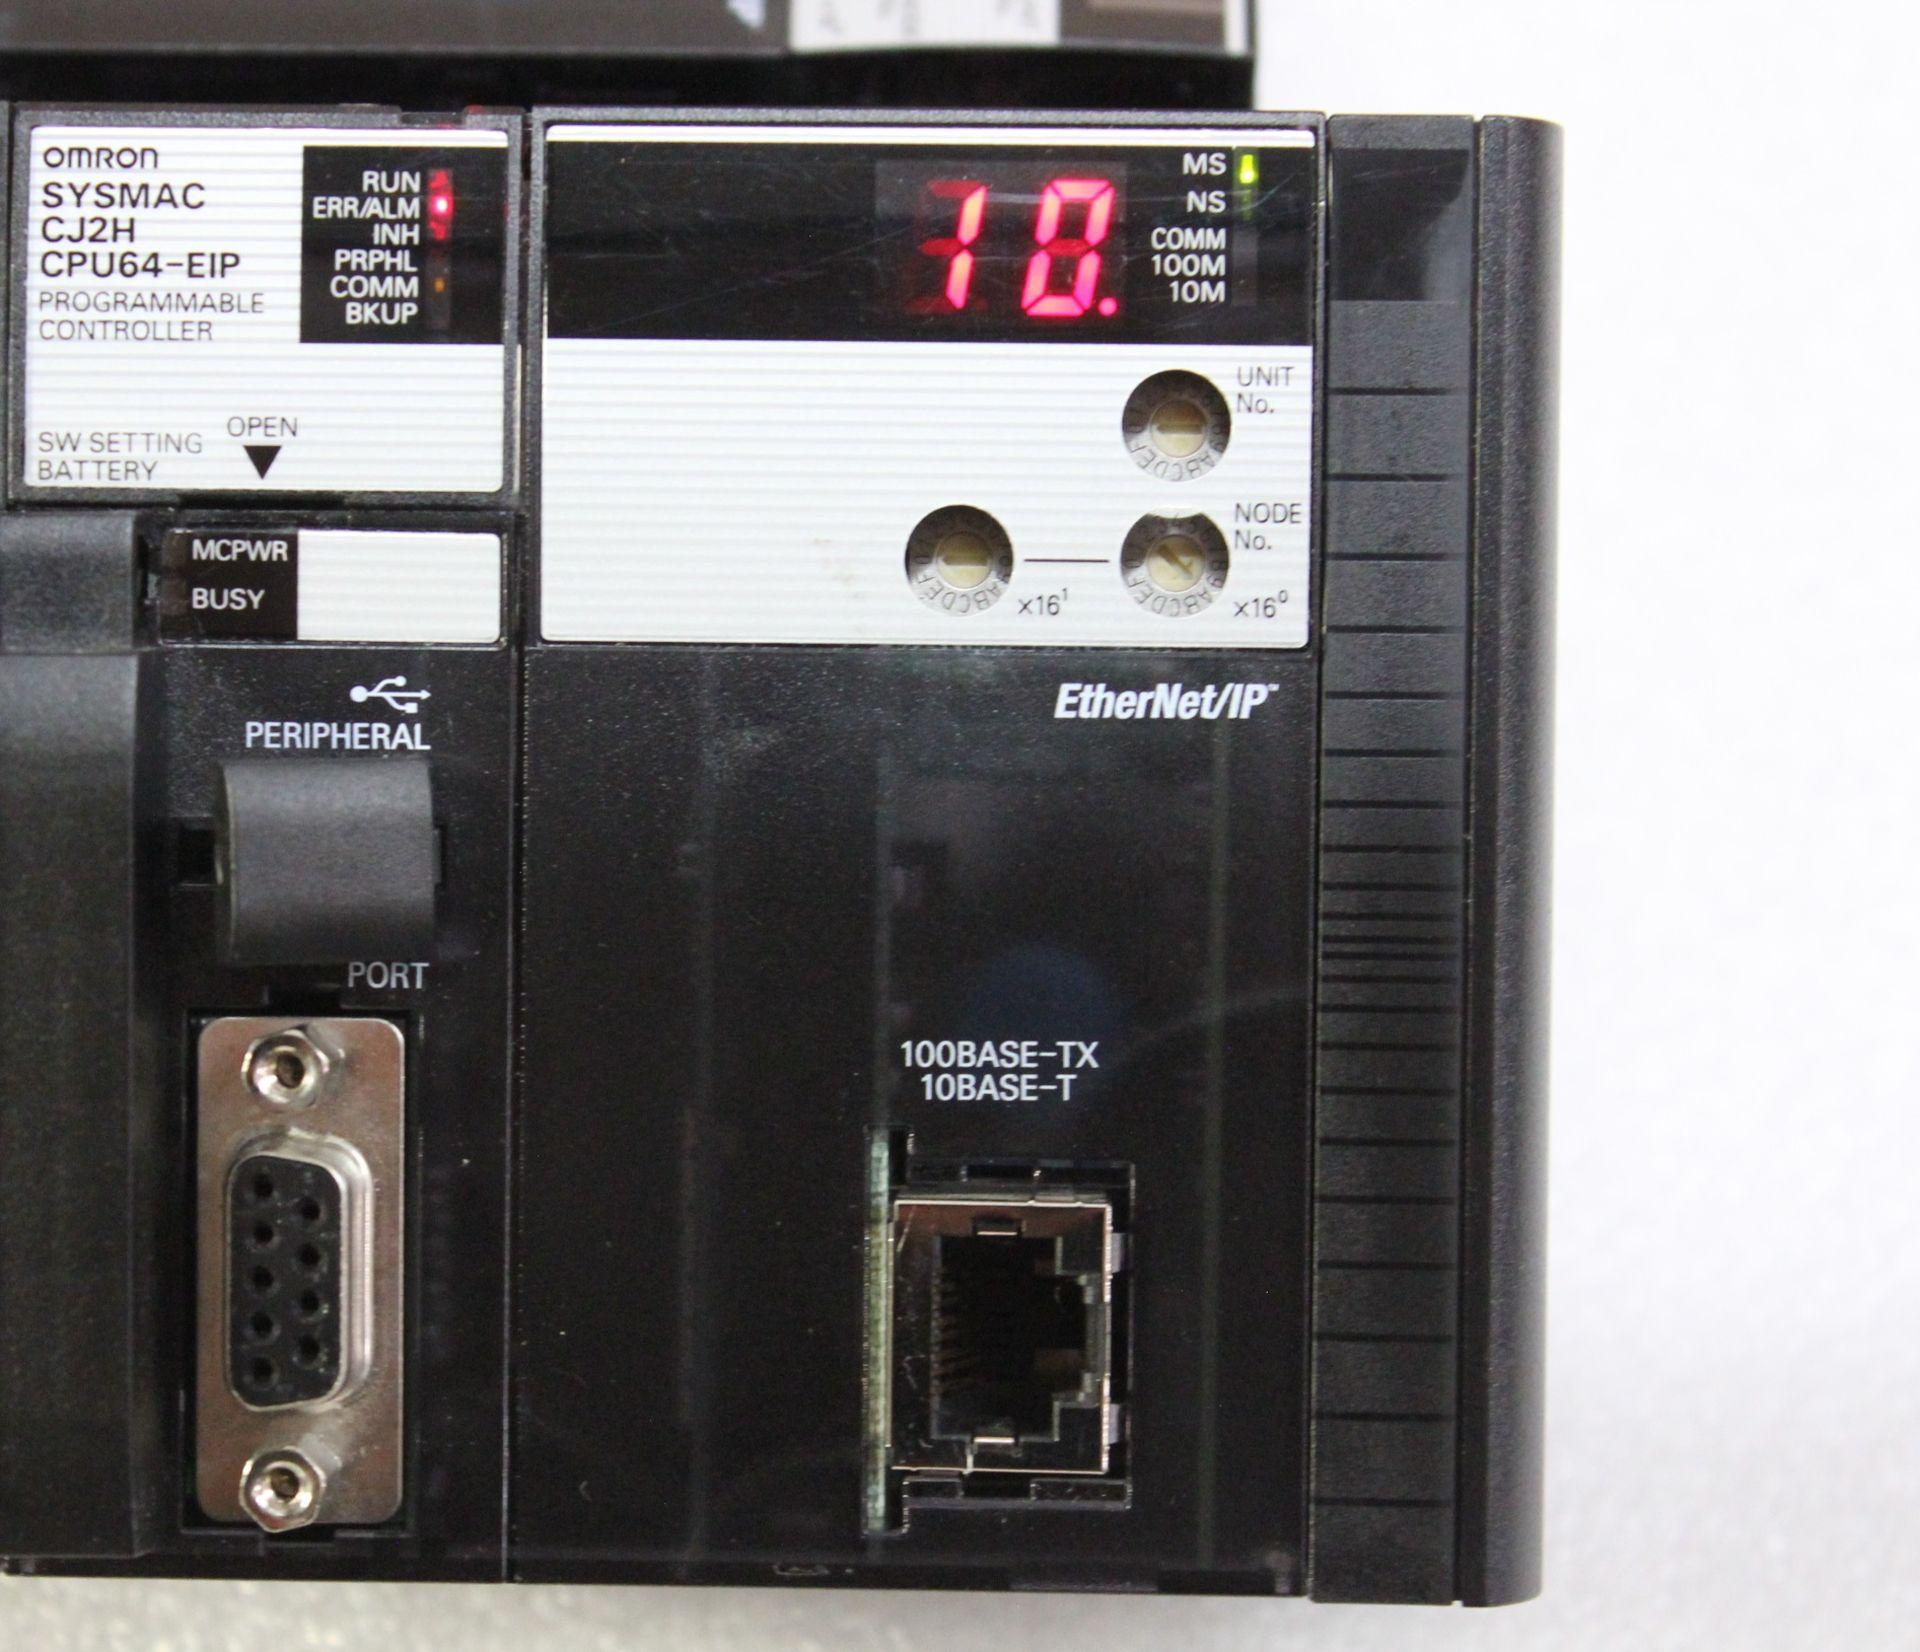 Lot 39 - OMRON PLC CPU PROCESSOR